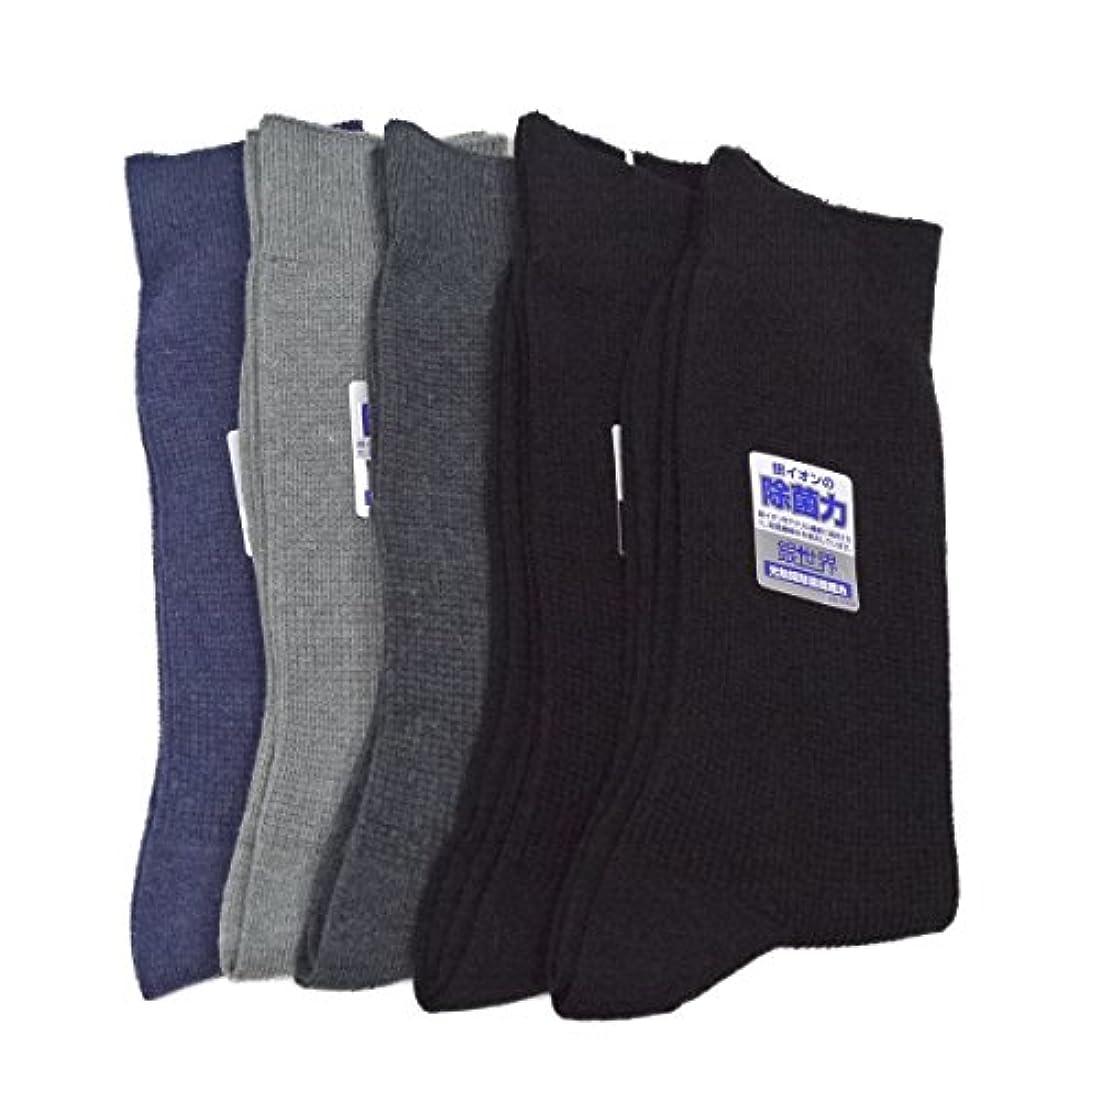 要求する十代価値東洋紡 銀世界使用 日本製 銀イオンで除菌の靴下 リッチェル柄 アソート セット